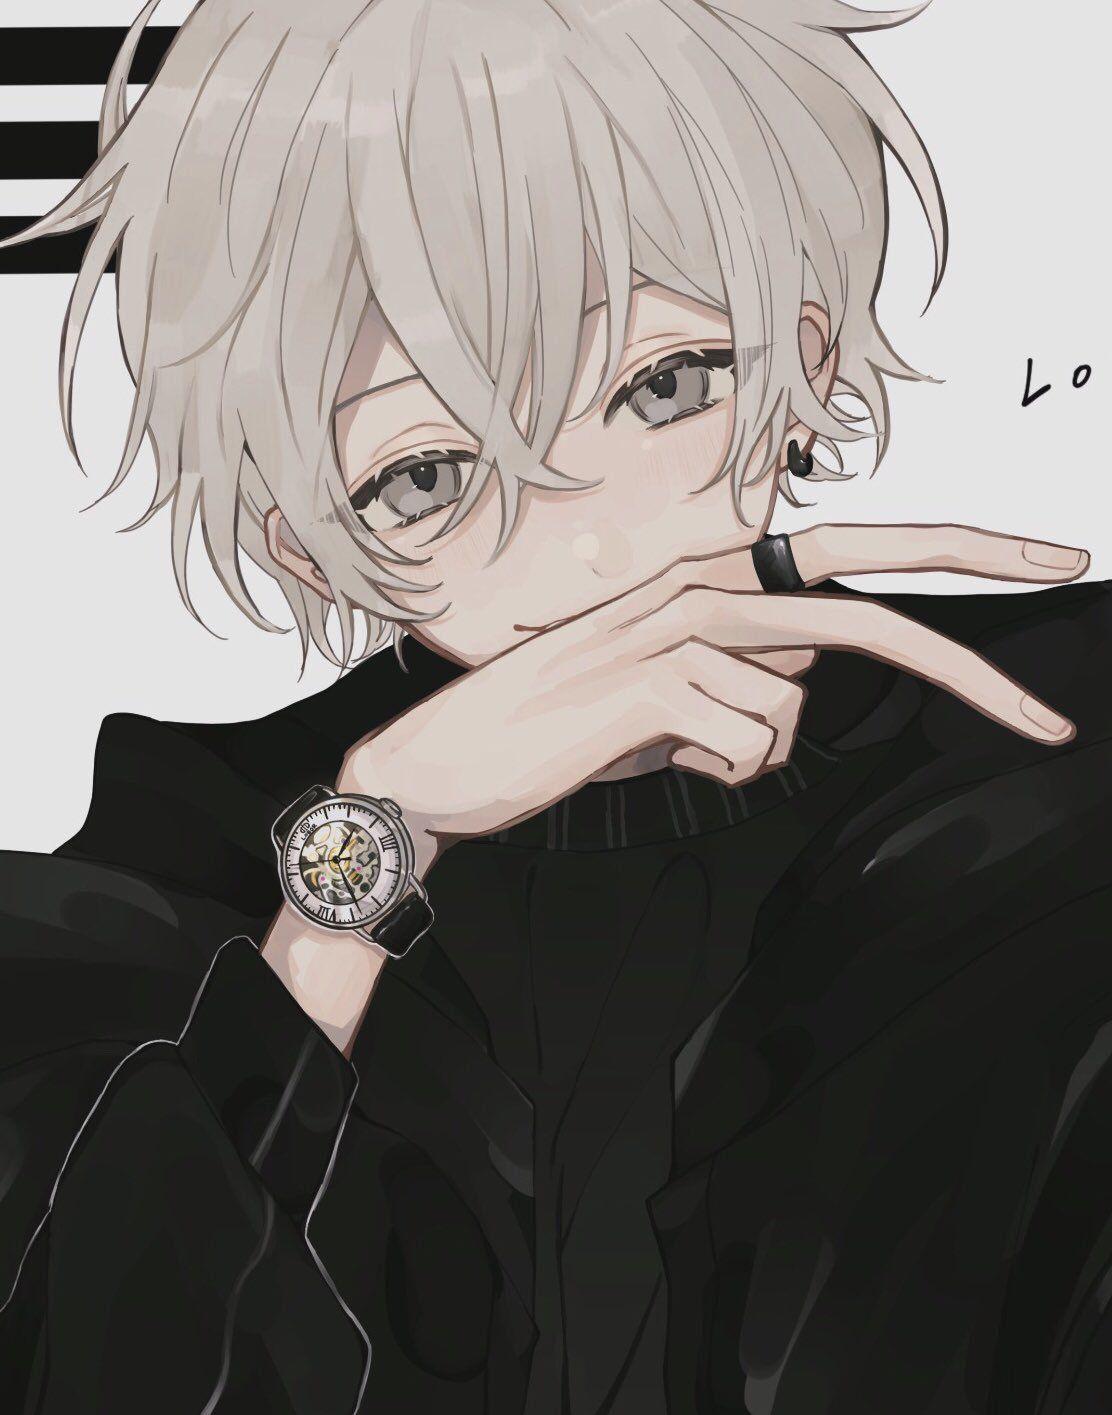 mayonakani かわいい男の子のアニメキャラ ダークなアニメ マンガアニメ